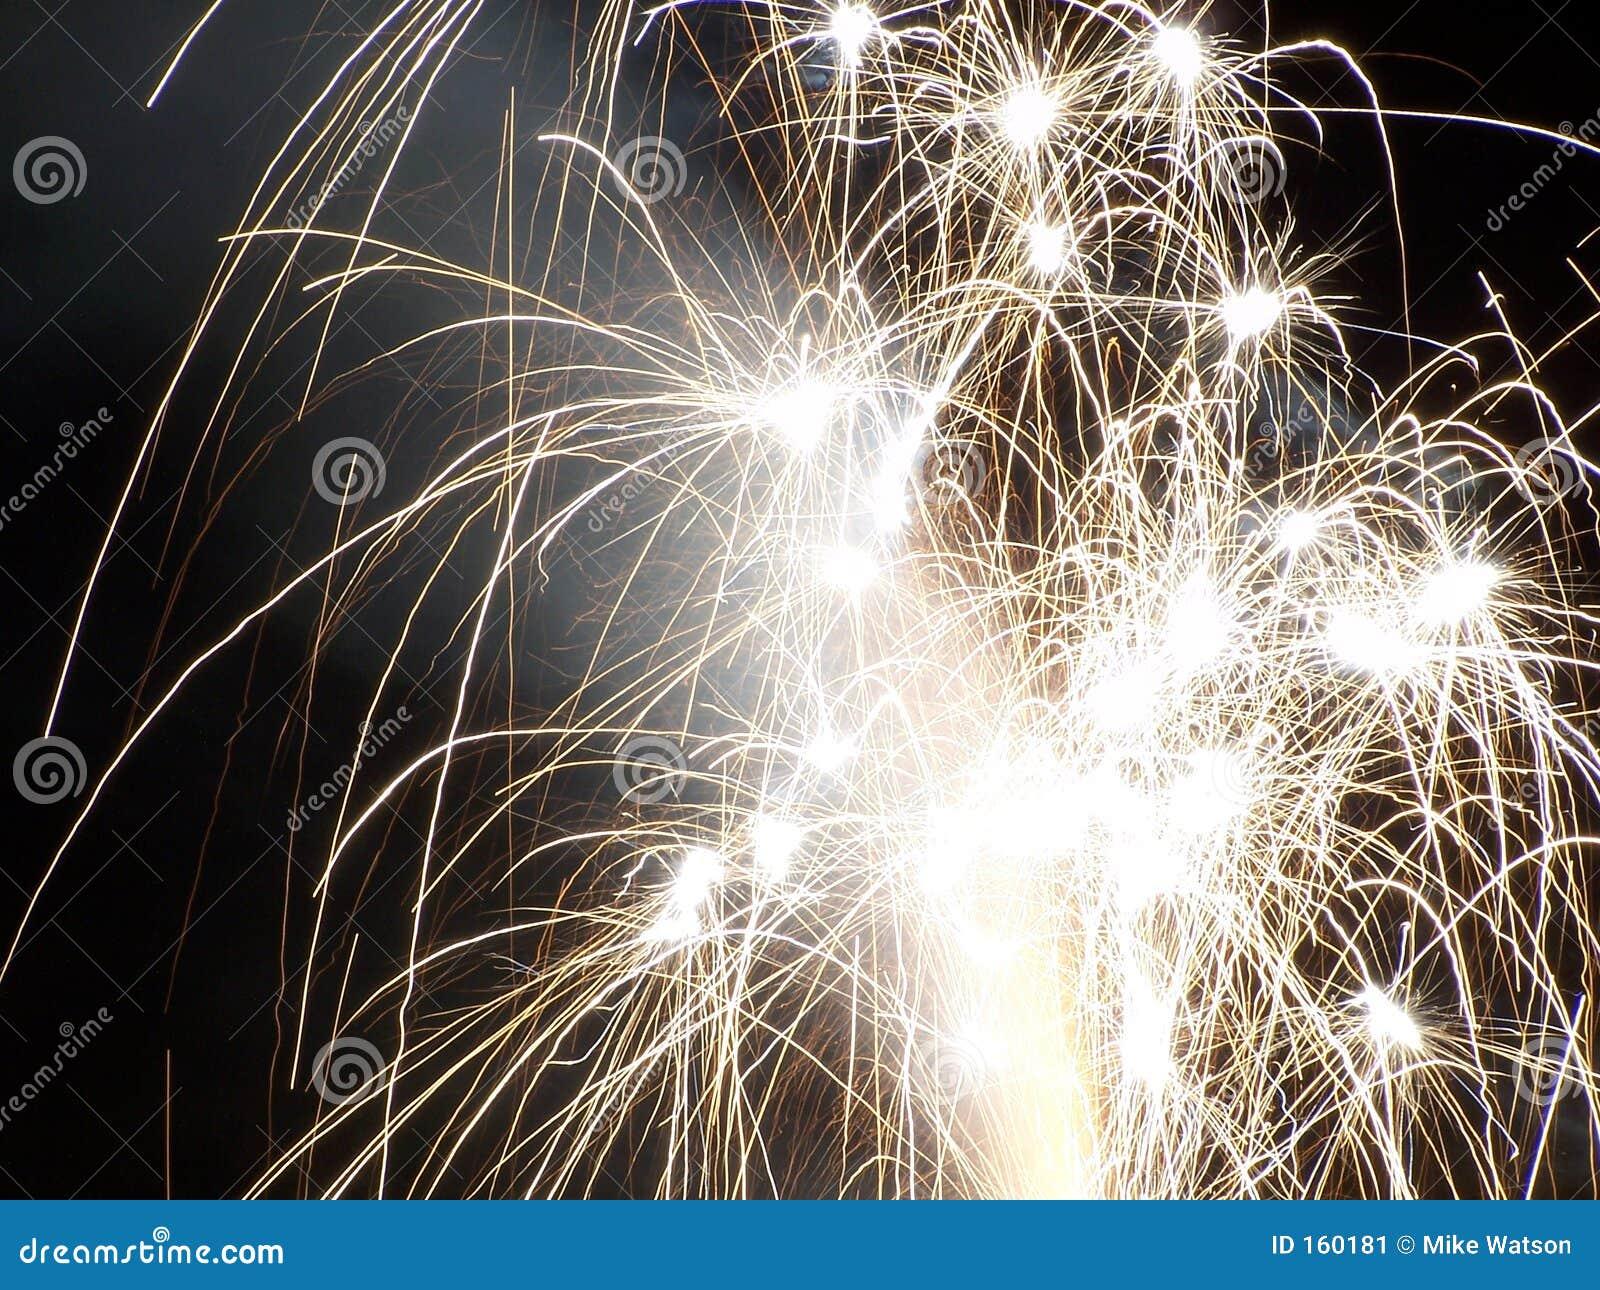 Bright Fireworks II